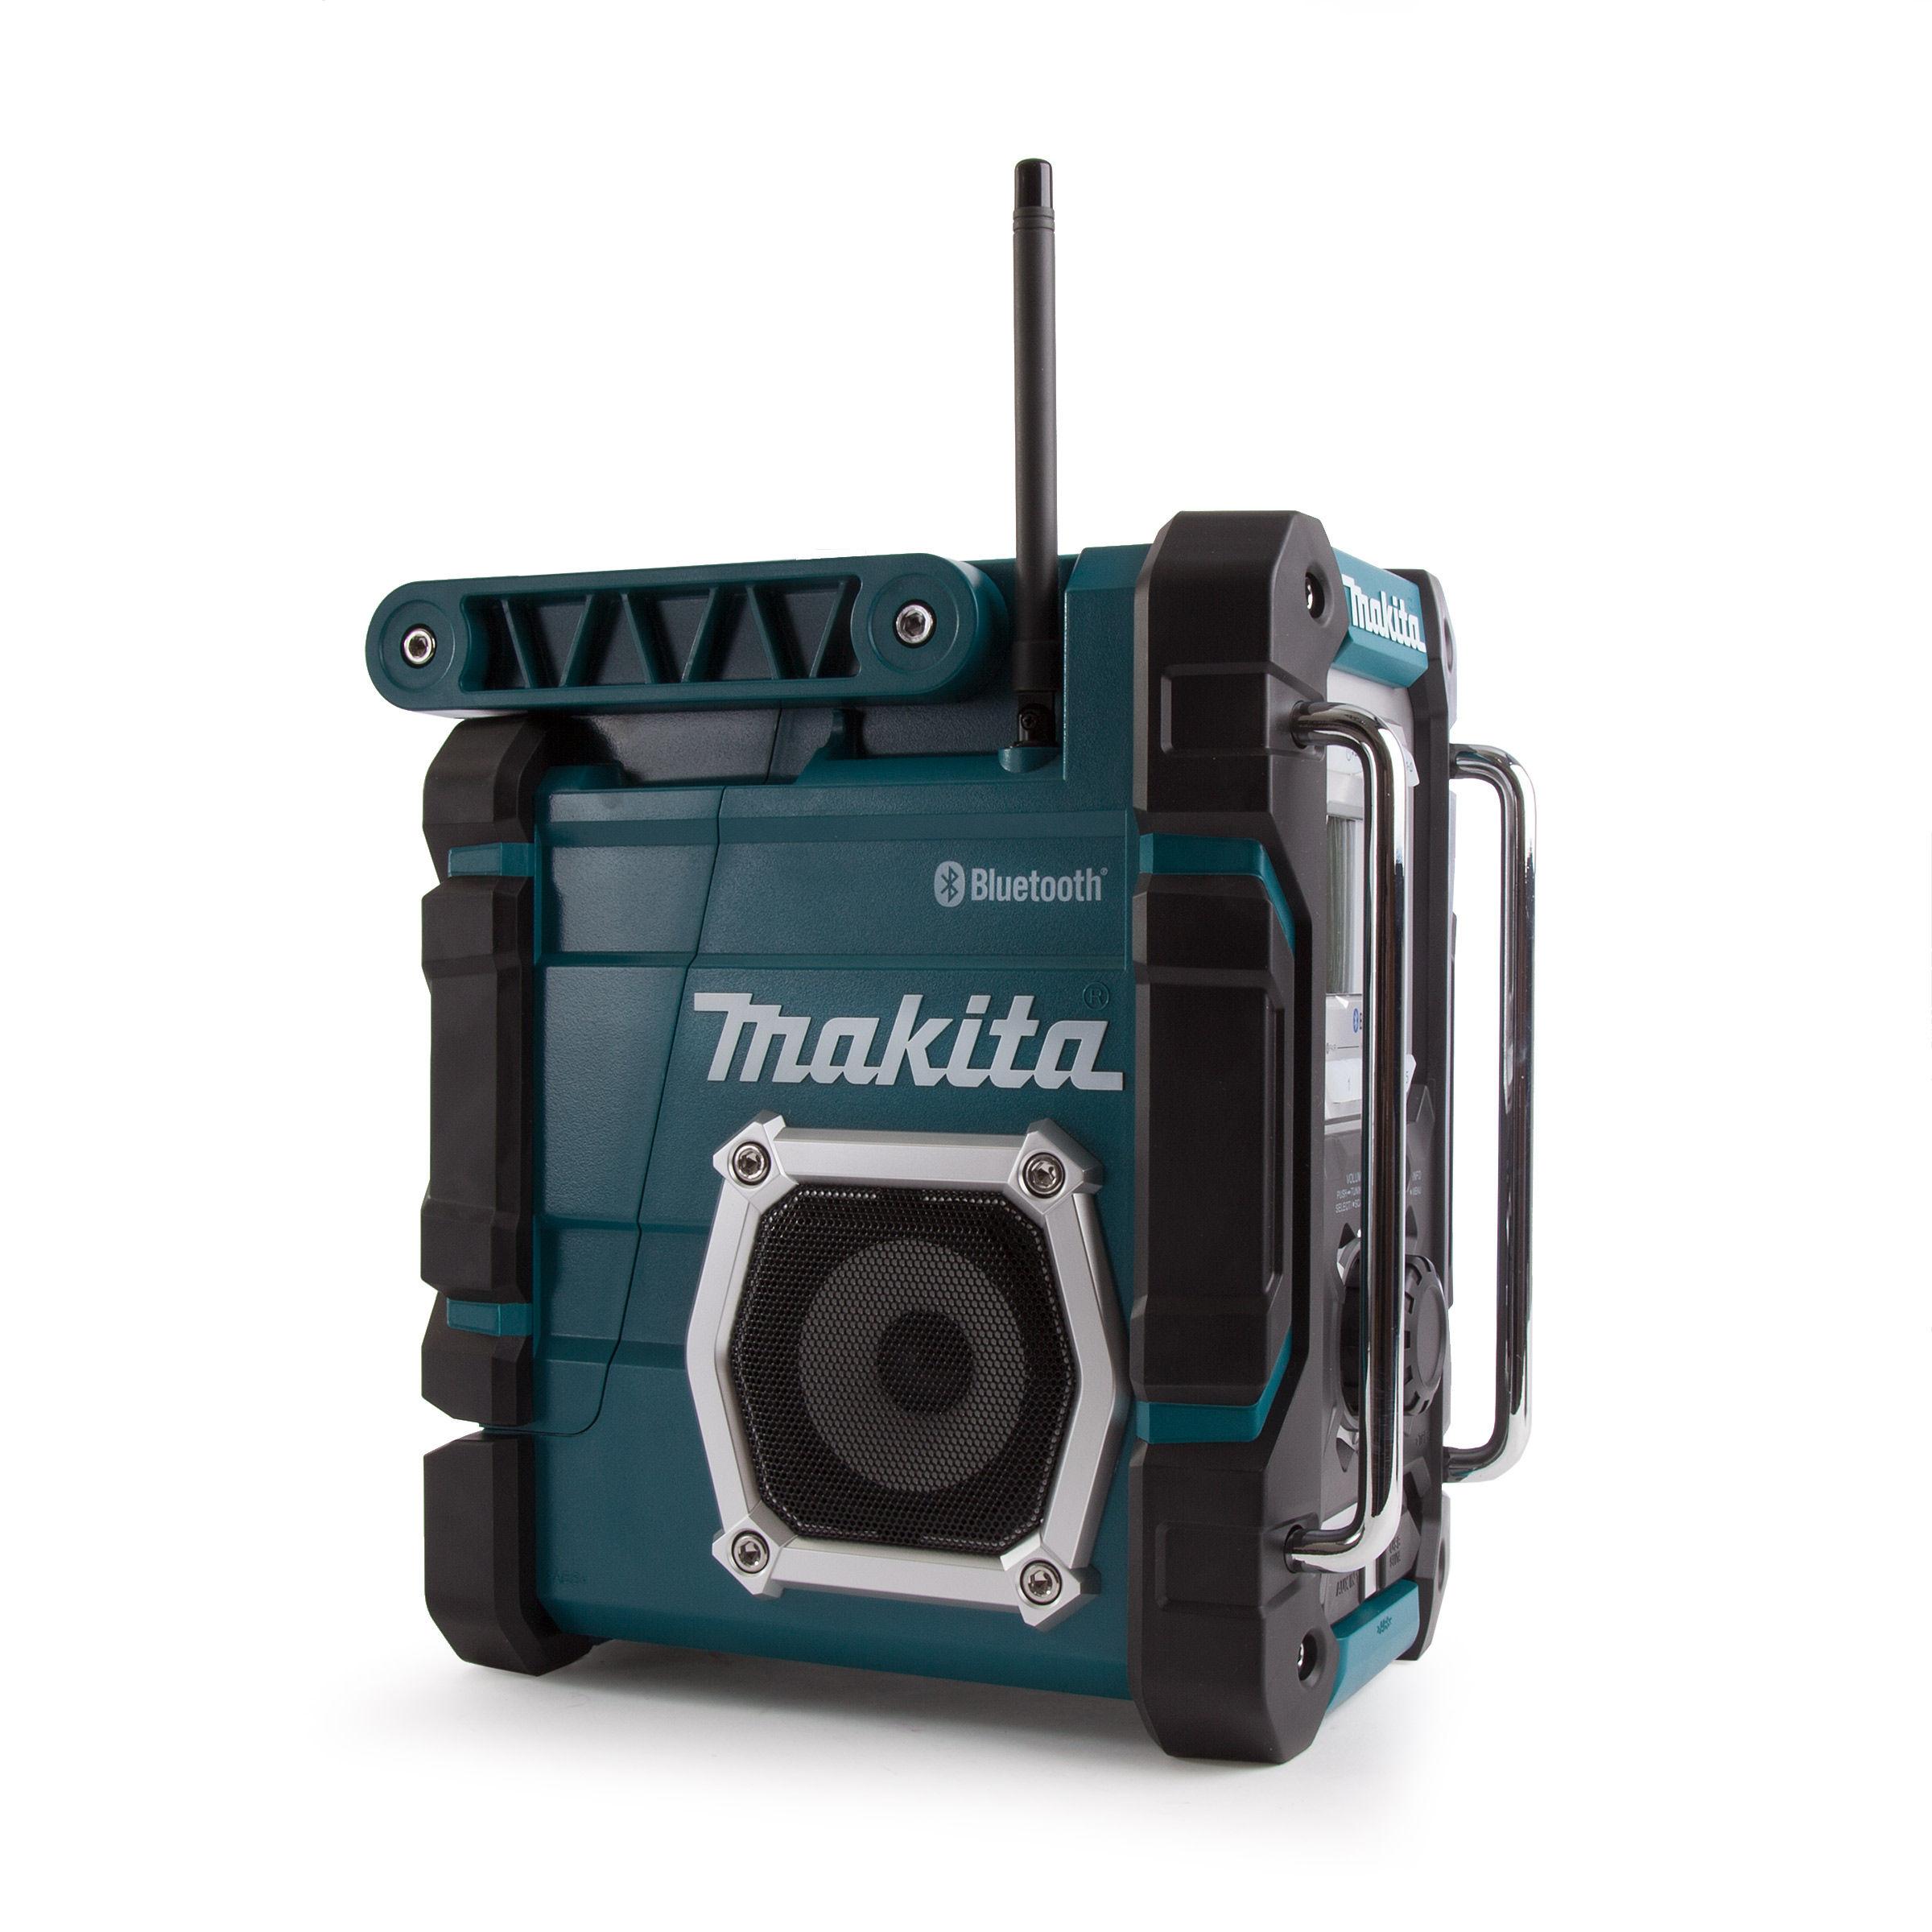 toolstop makita dmr108 jobsite radio with bluetooth. Black Bedroom Furniture Sets. Home Design Ideas